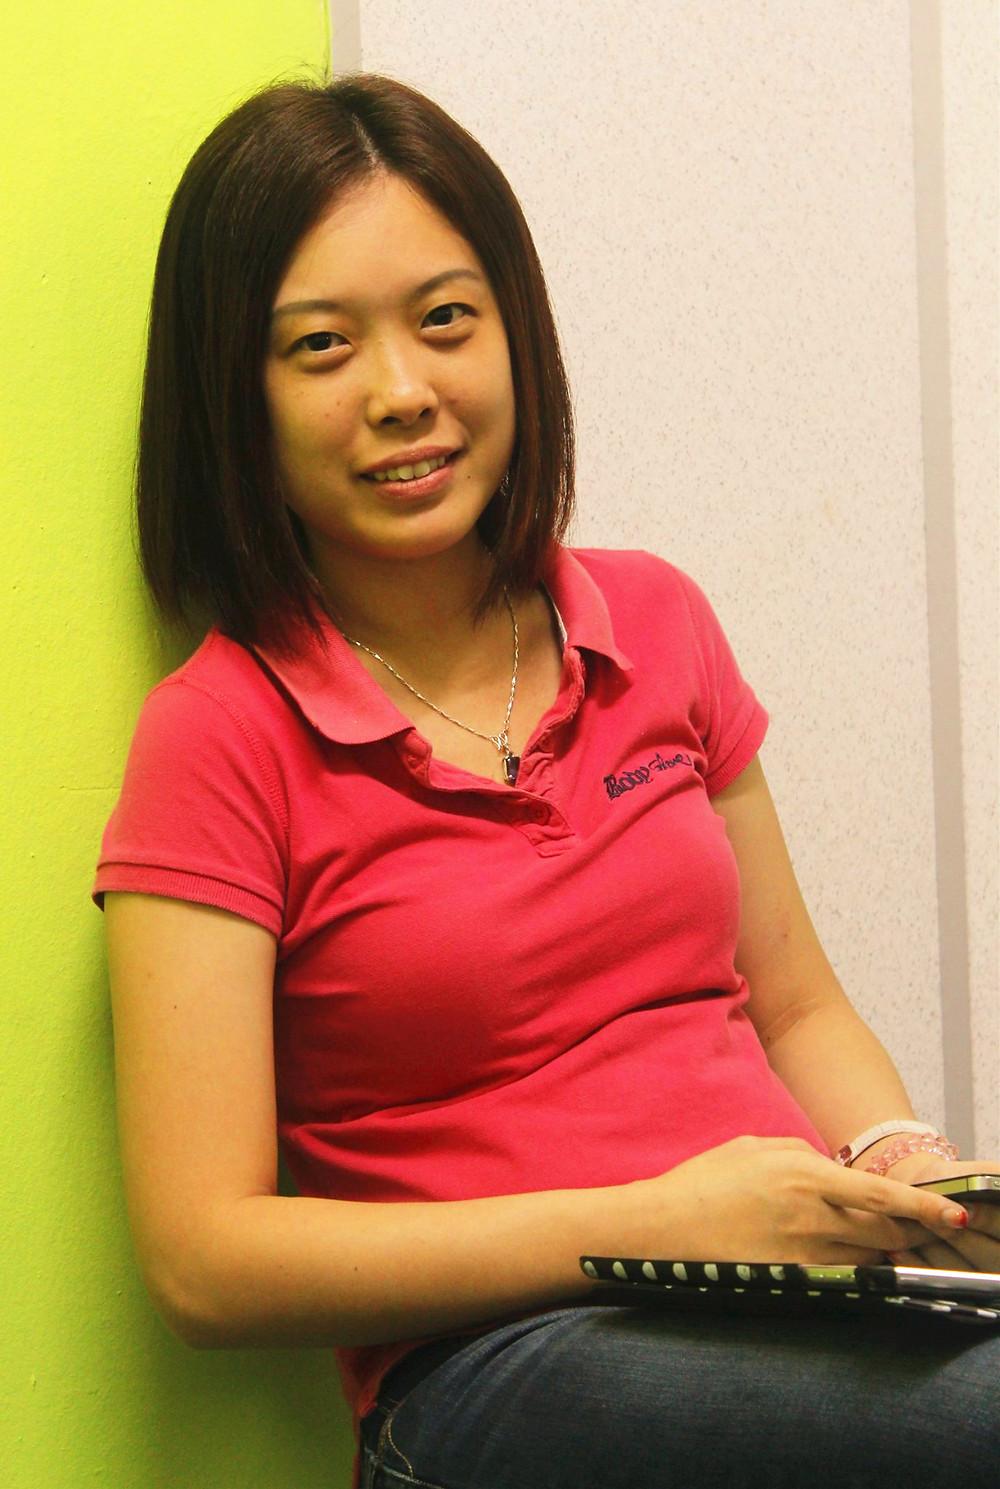 Chong Yee Woon 120315.jpg